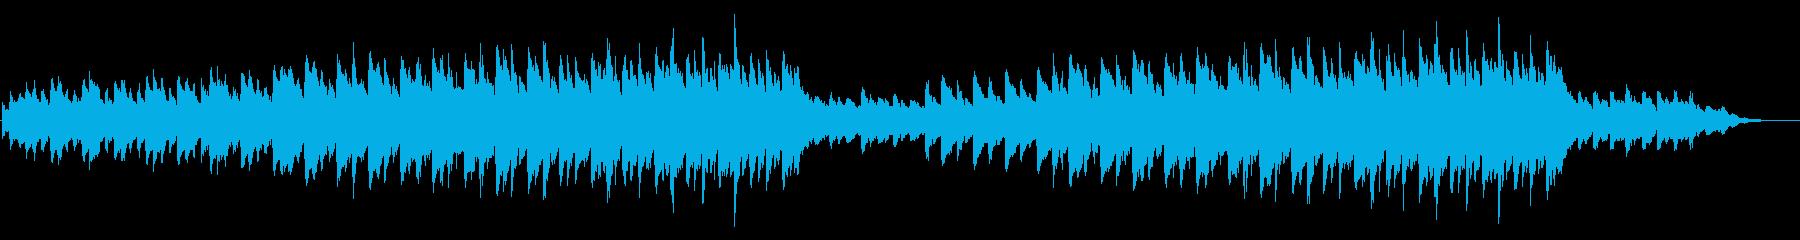 ガムラン、厳かな、幻想的、A-フルの再生済みの波形